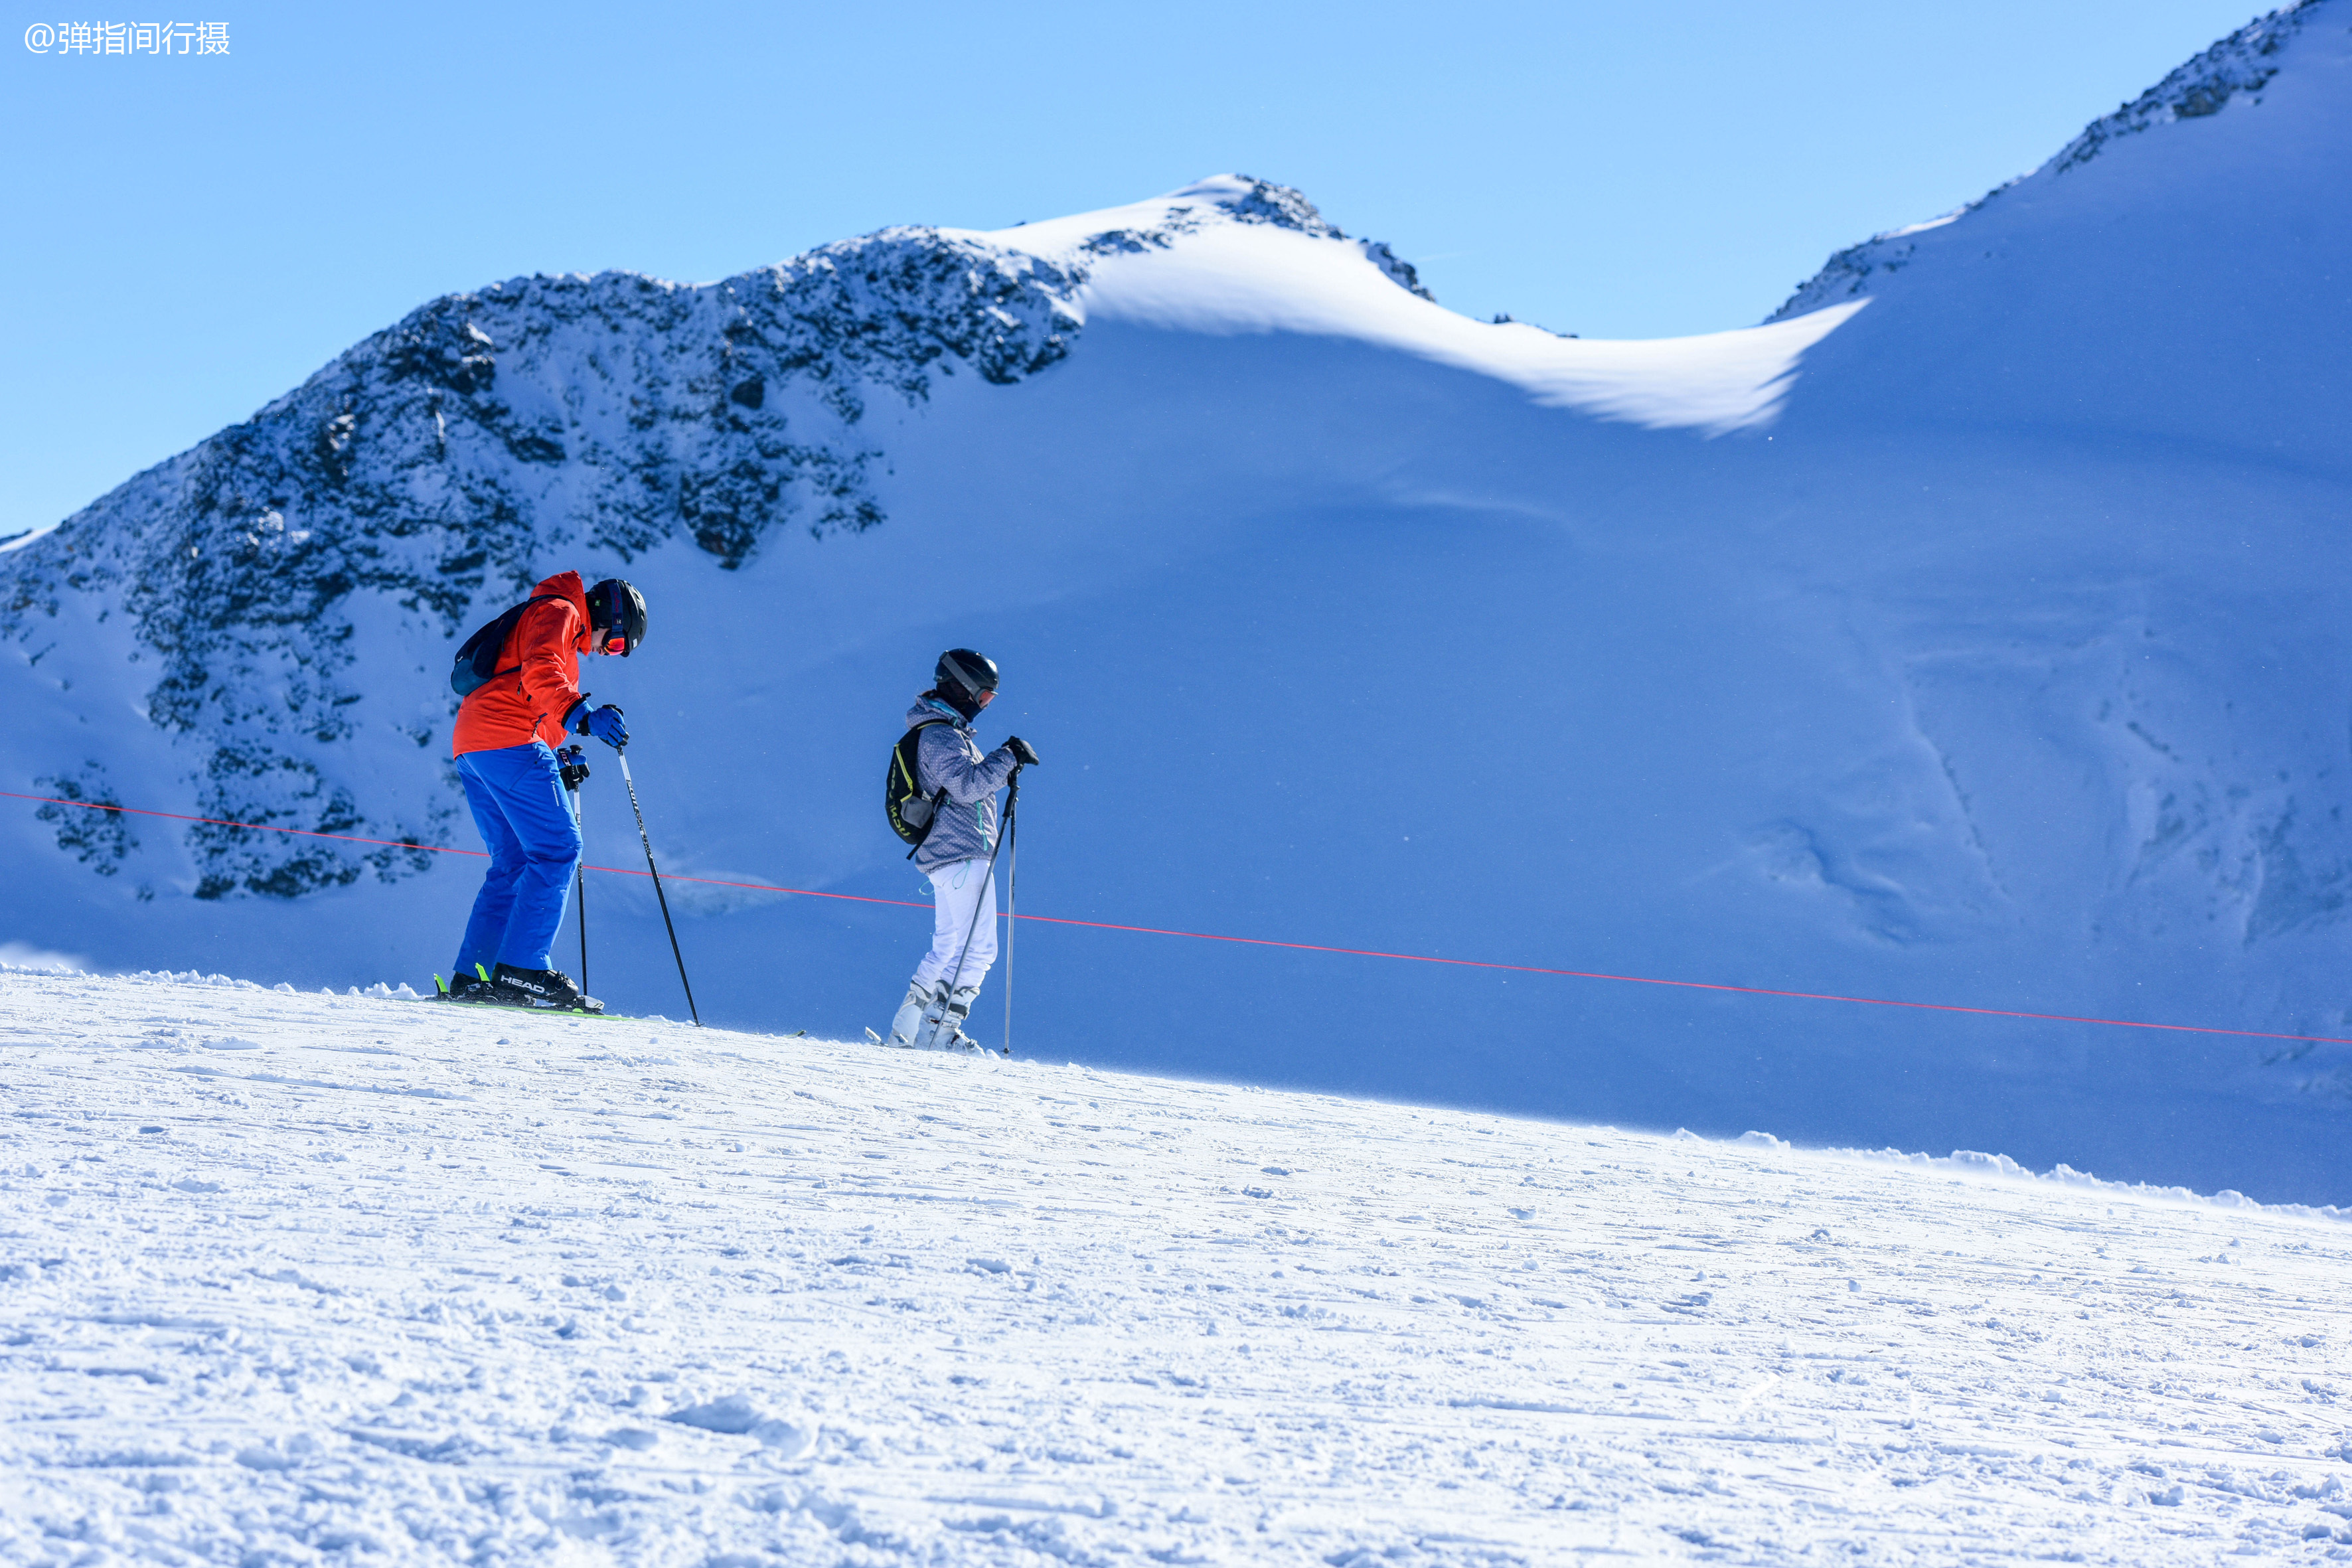 探秘瑞士2000多年冰层中的冰宫,最震撼人的却是1920年这双雪鞋